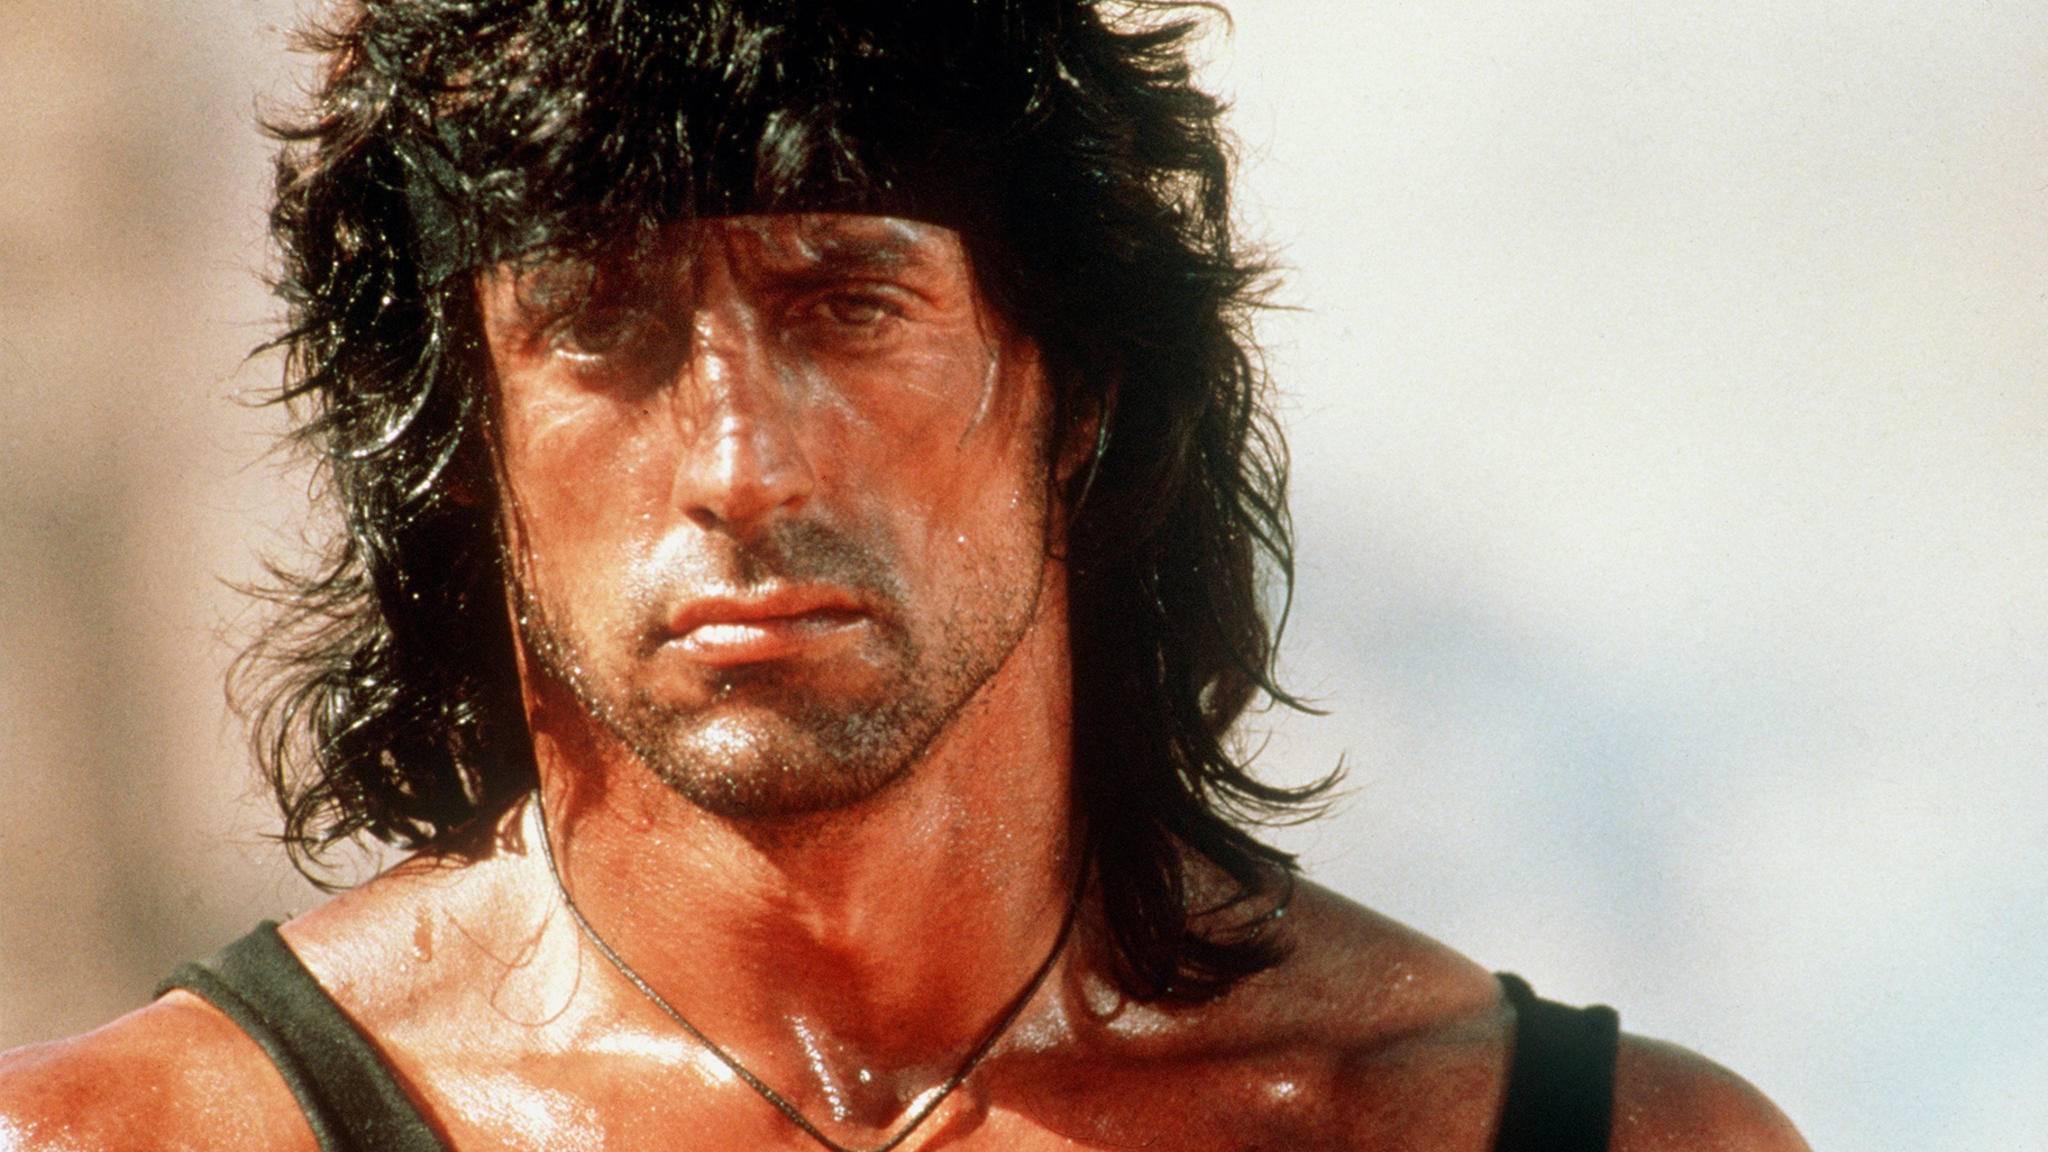 """Na endlich! Das """"Rambo""""-Reboot kommt – aber ohne Sly"""